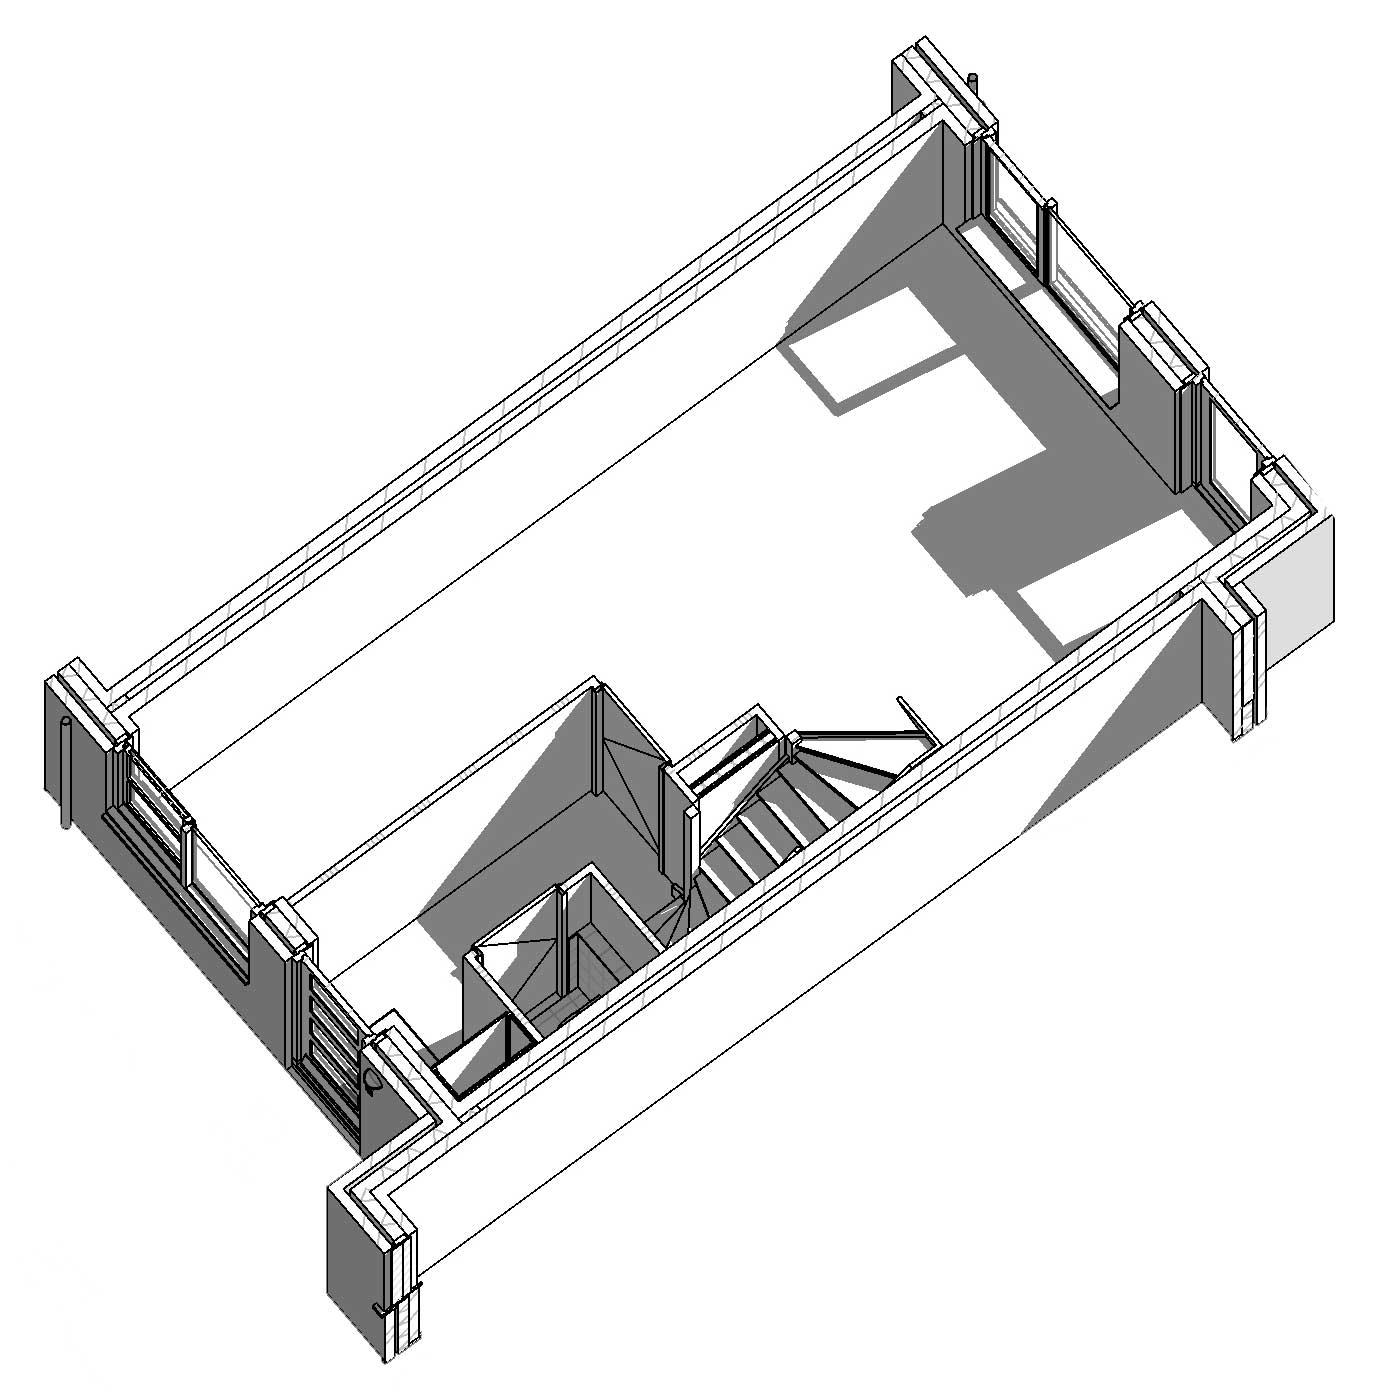 isometrie eerste verdieping starterswoning beuk 4,8m - CPO Starterwsoningen Weideveld Bodegraven